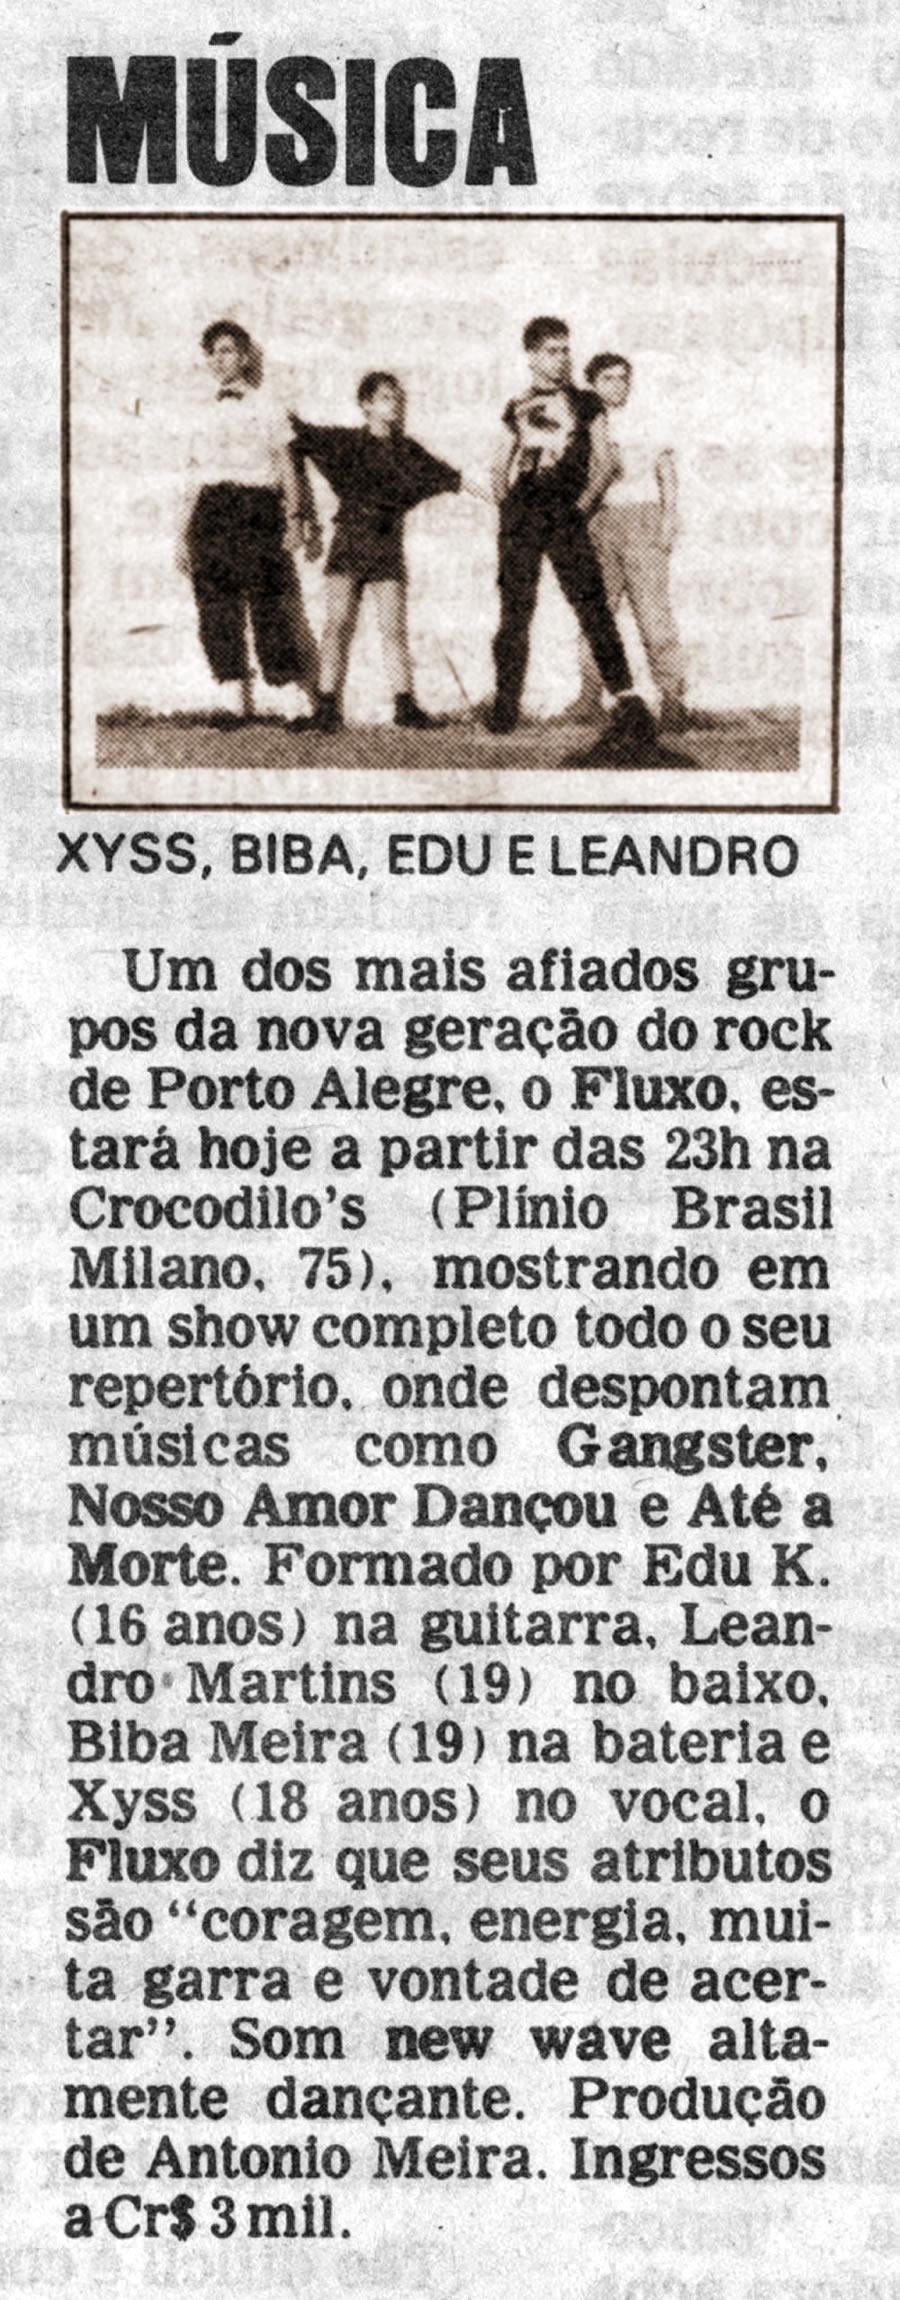 [PRESS] A nova geração do rock de Porto Alegre, o FLUXO